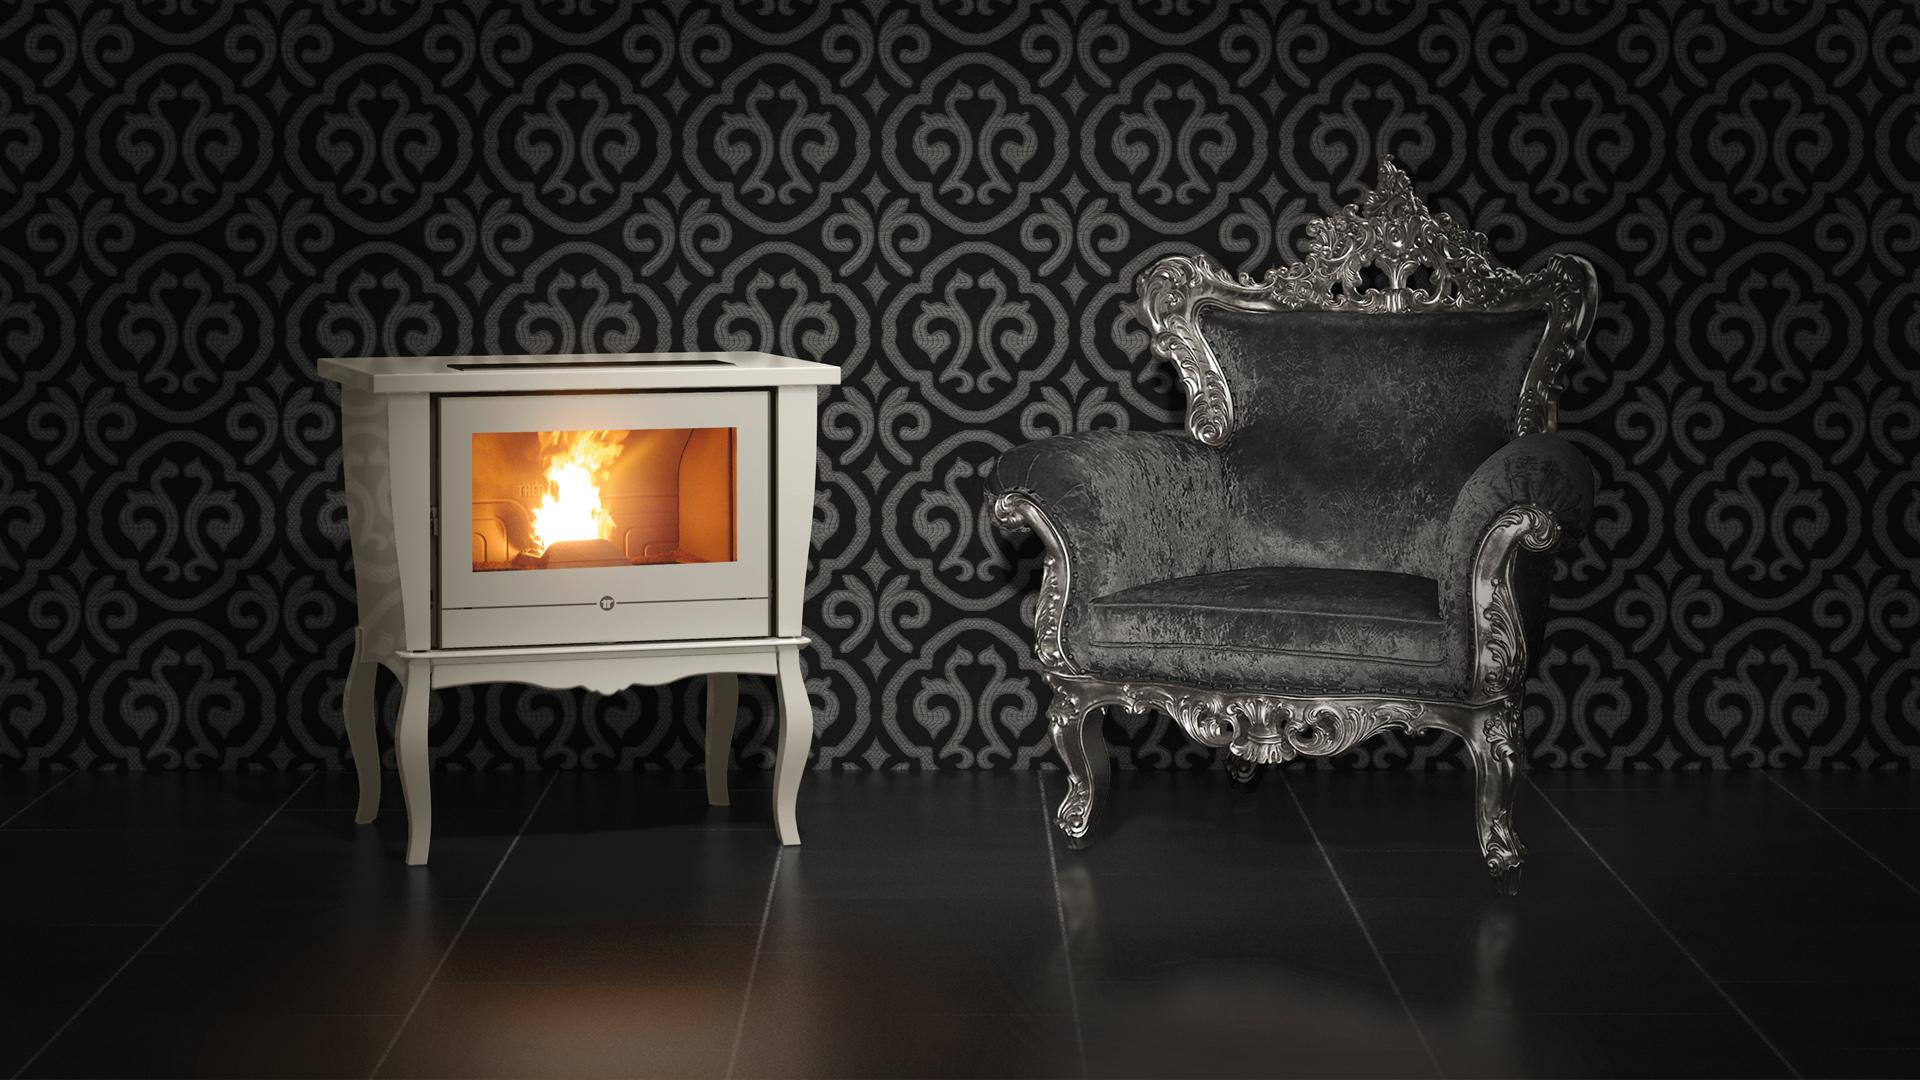 po les granul s settecento s fires chauffage bois et. Black Bedroom Furniture Sets. Home Design Ideas